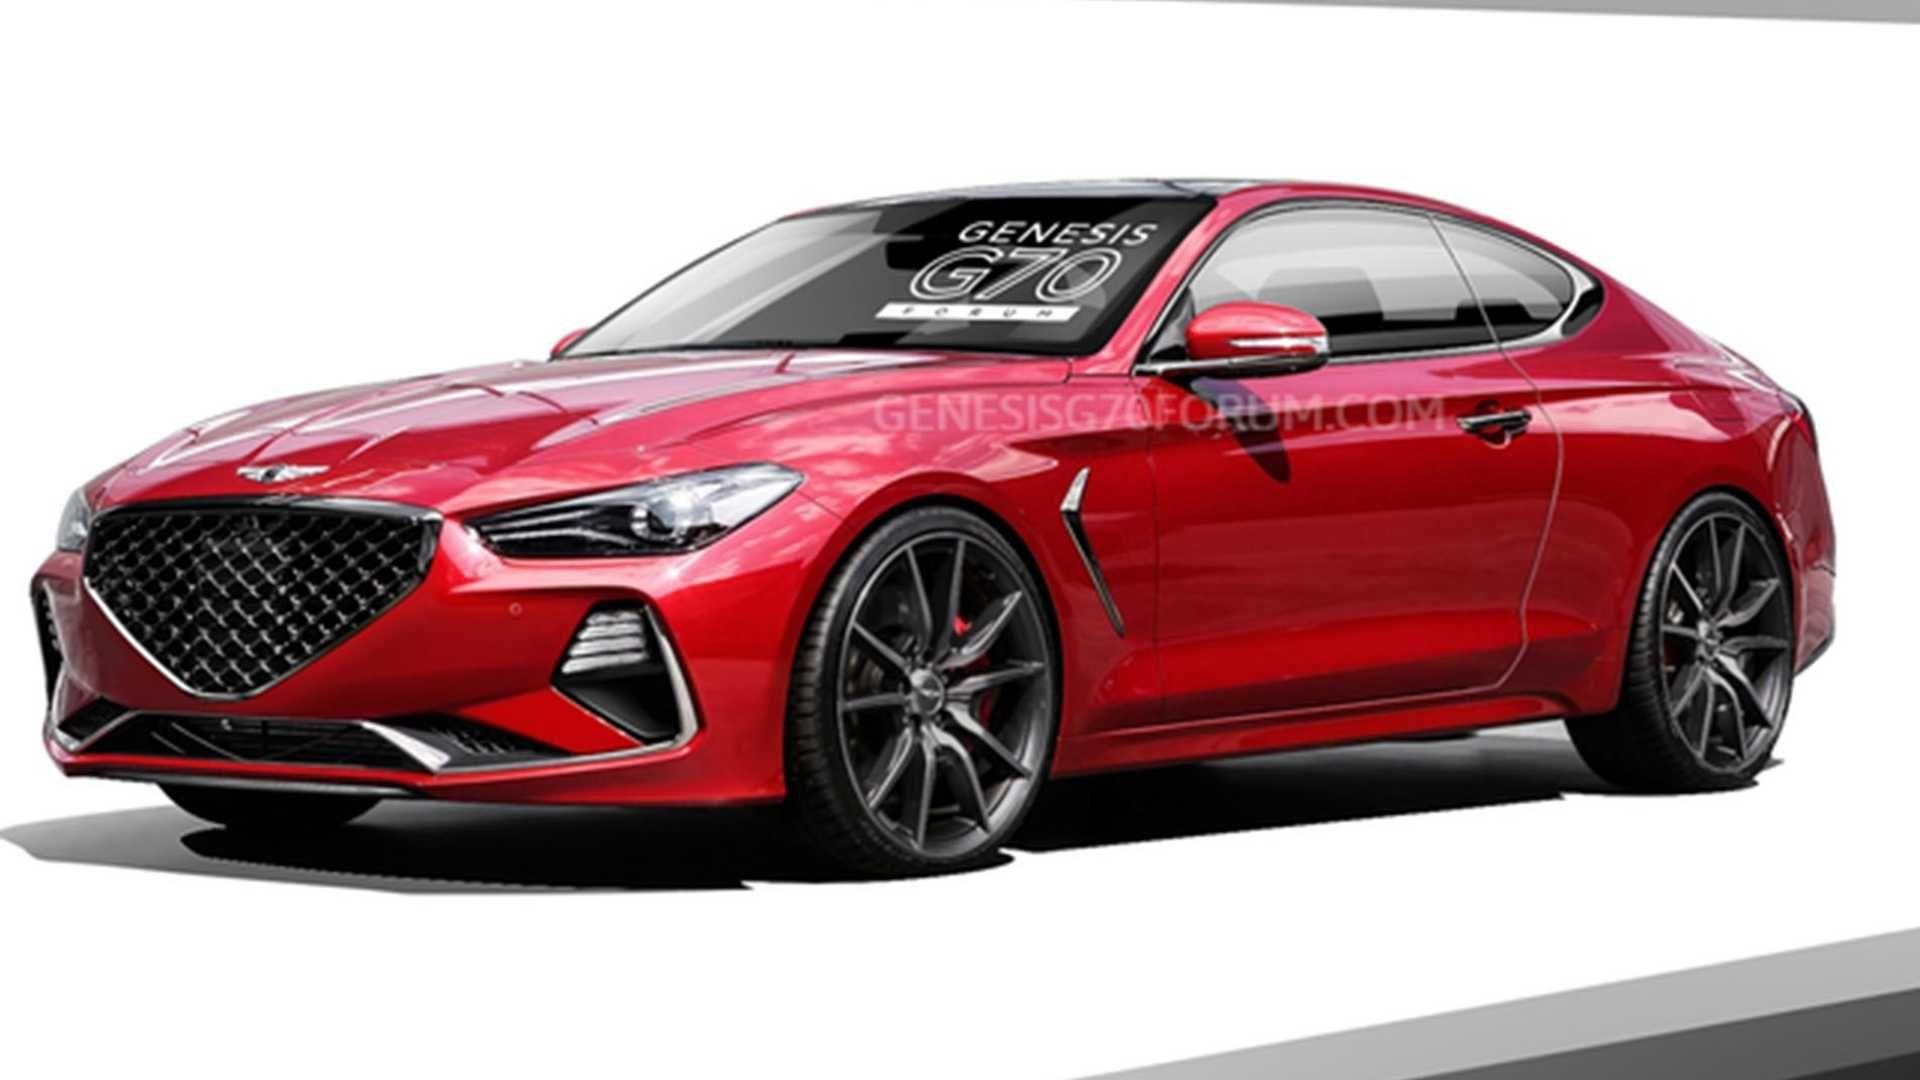 Genesis G70 Coupe (render)